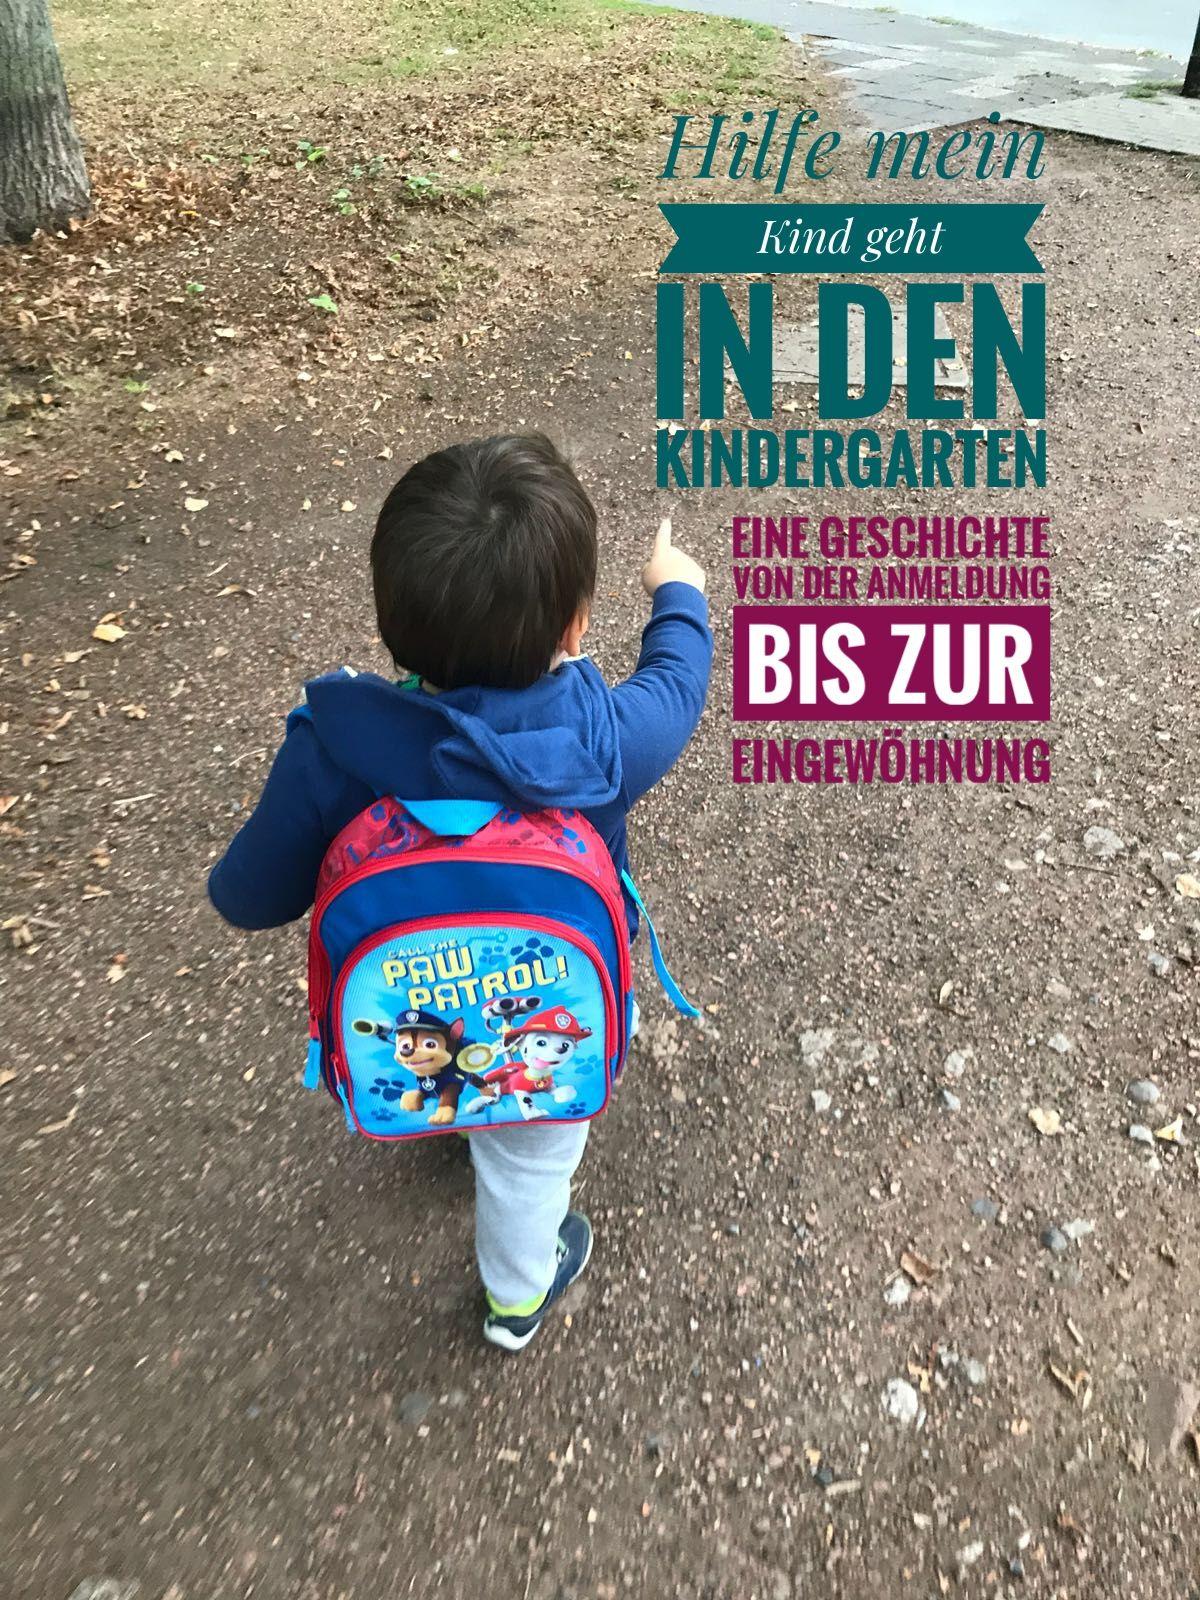 Muss Mein Kind Jeden Tag In Den Kindergarten